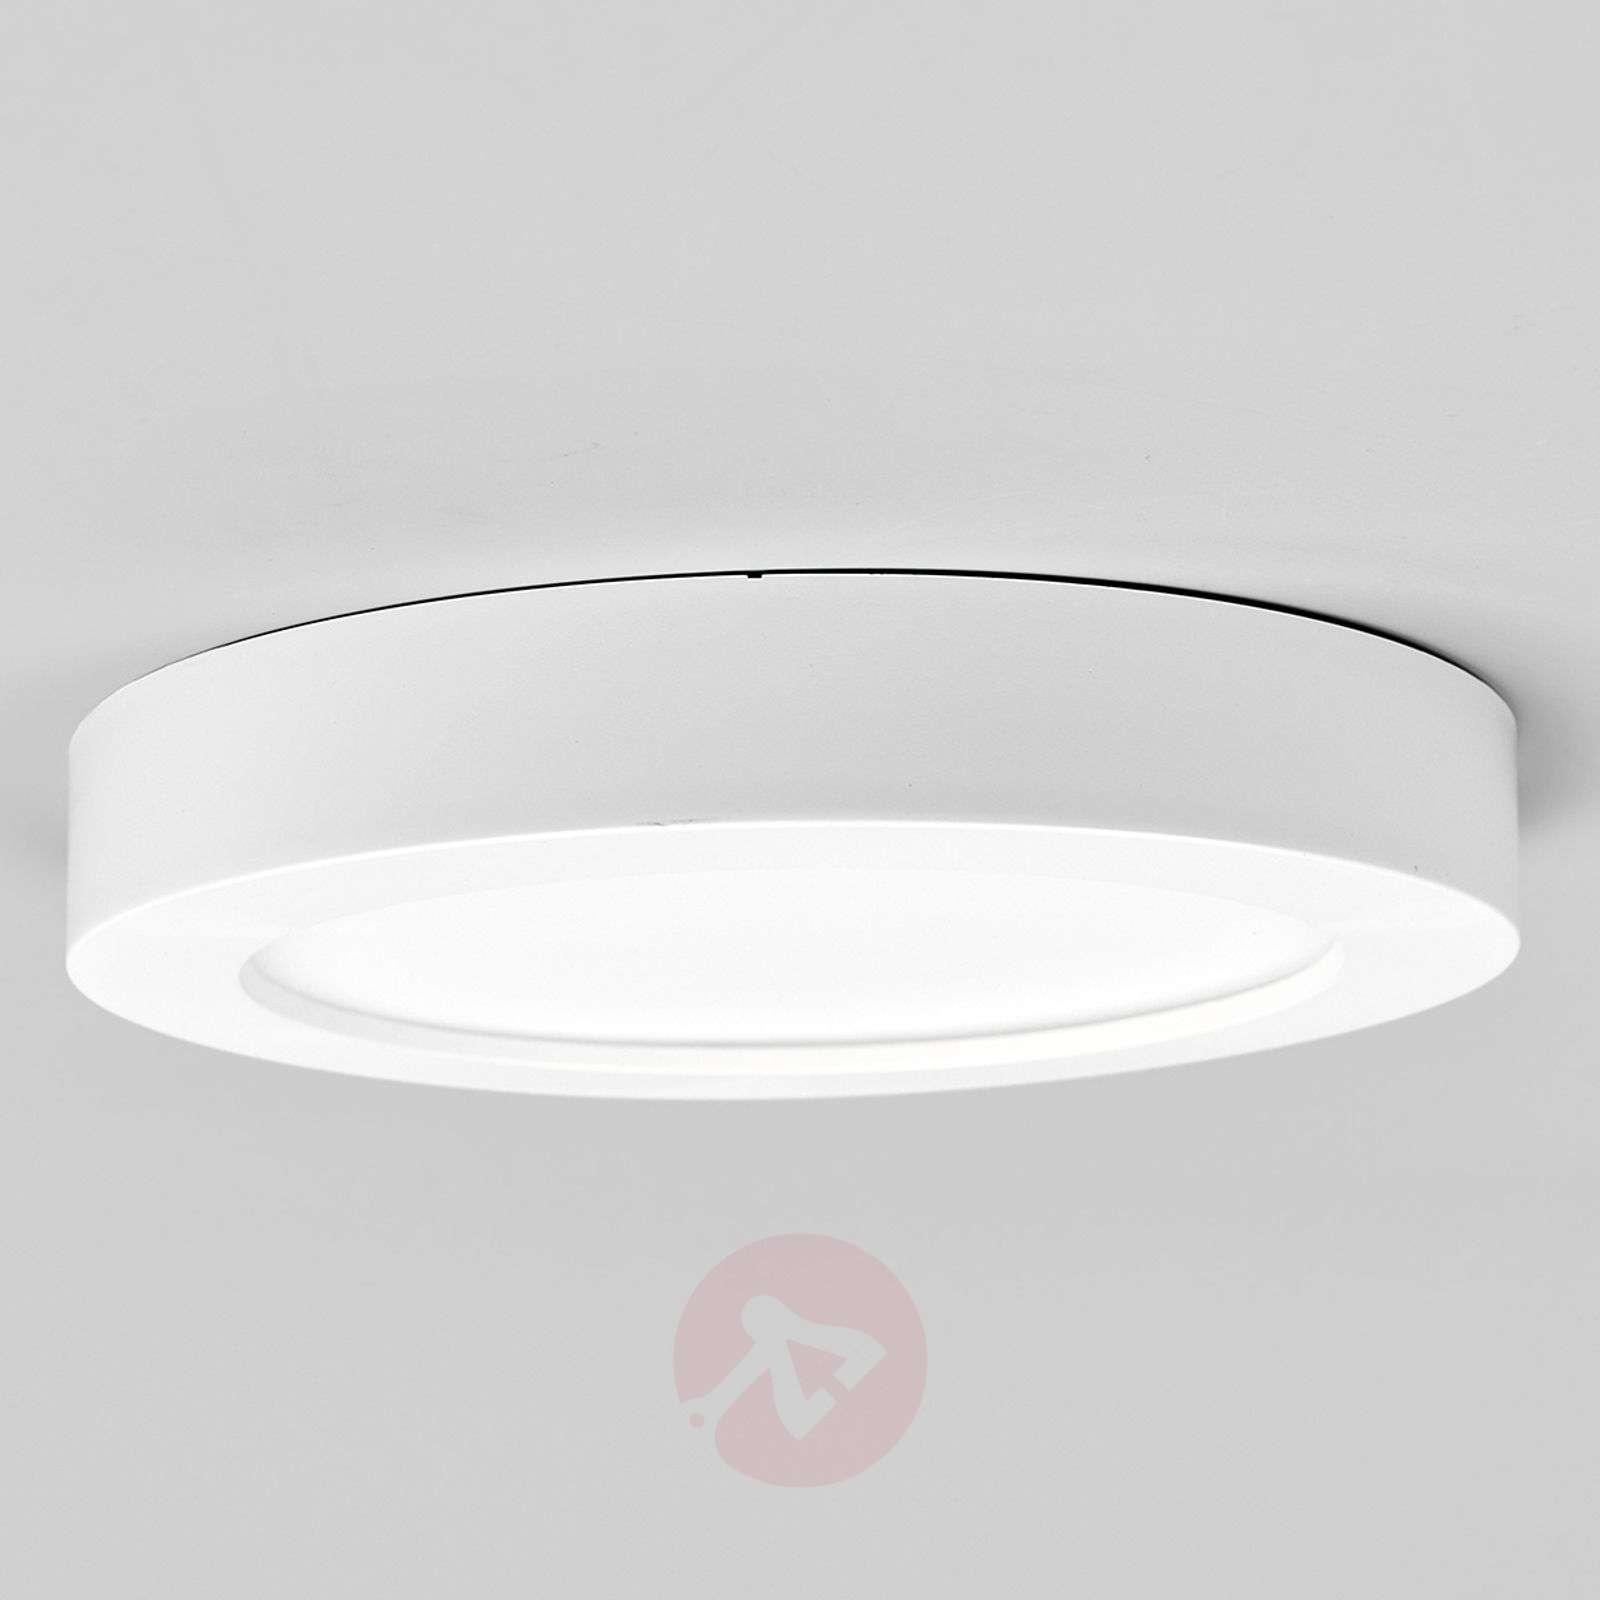 Esa LED-kattovalaisin valkoinen, IP44-9978021-016